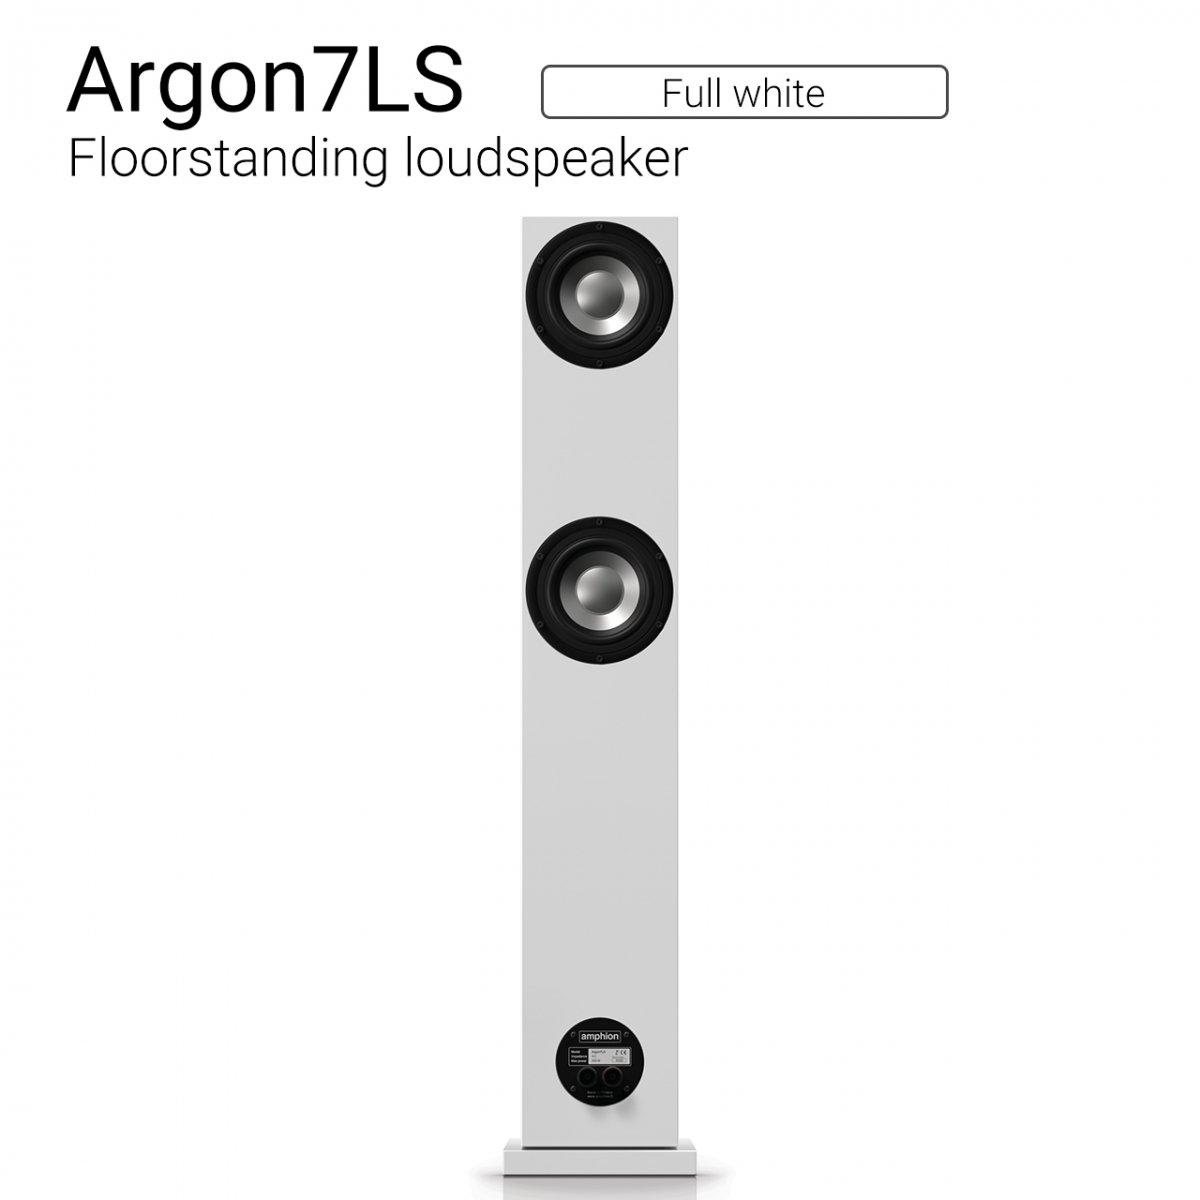 Argon7LS (Full white) Floorstanding Loudspeaker【ペア】